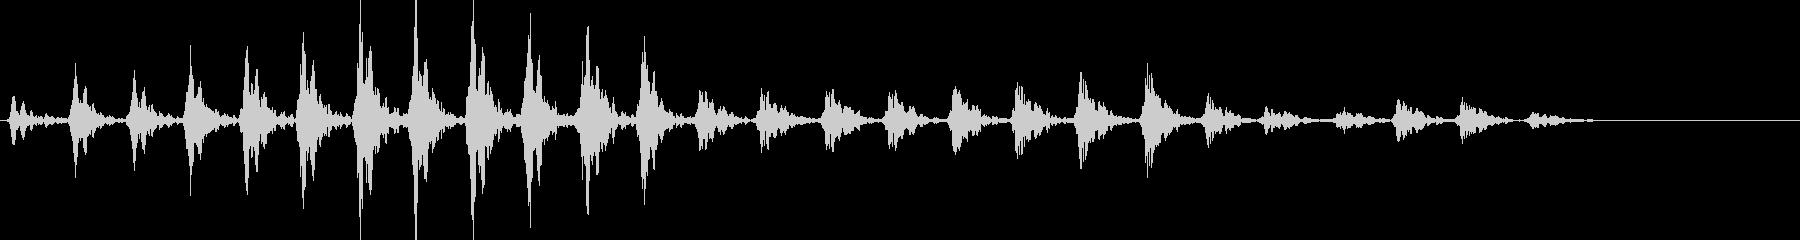 トンカチの音01の未再生の波形